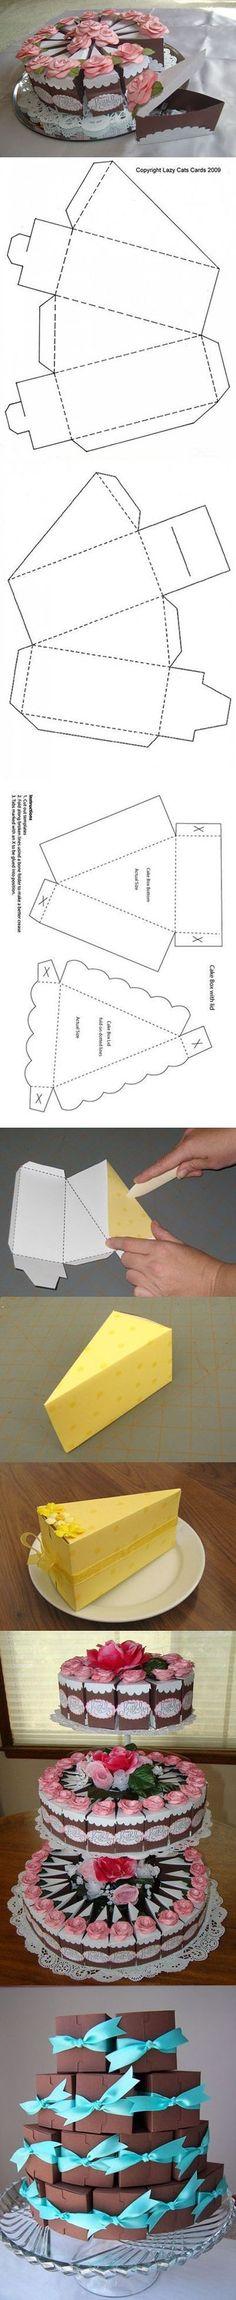 DIY Cake Gift Box   DIY